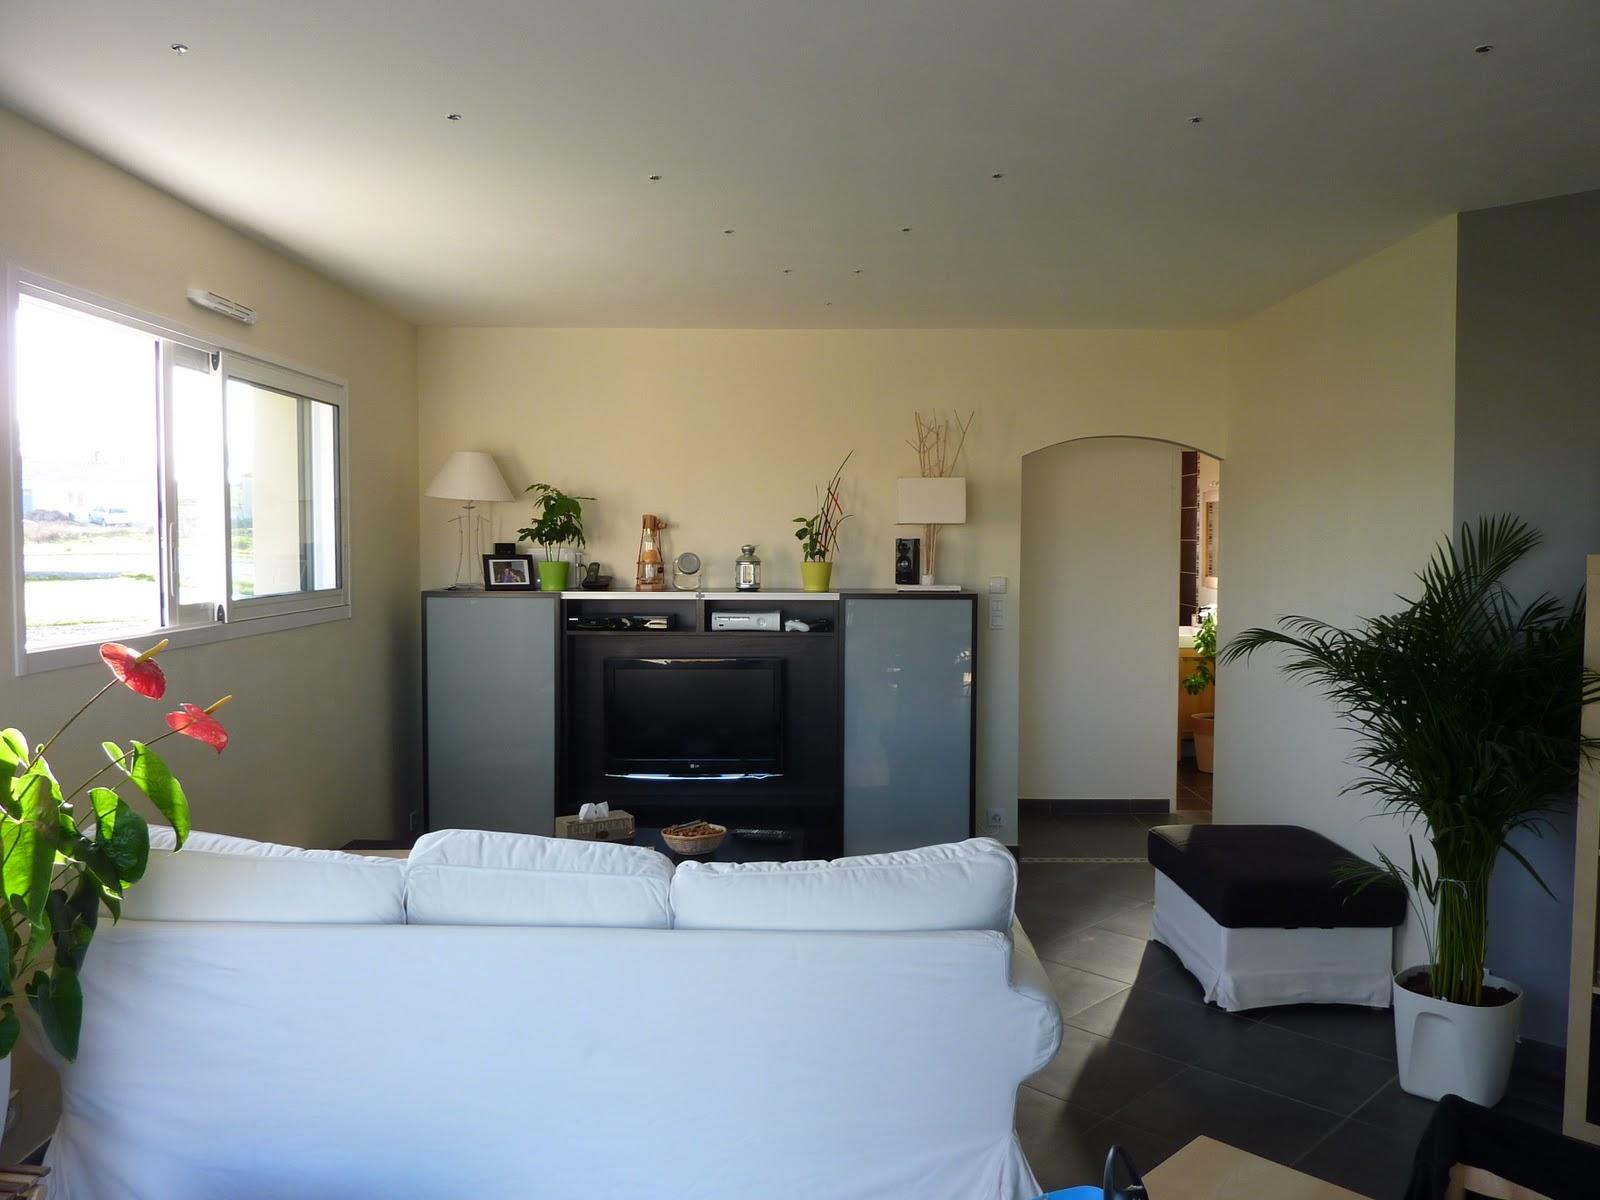 couleur piece de vie id e inspirante pour la conception de la maison. Black Bedroom Furniture Sets. Home Design Ideas